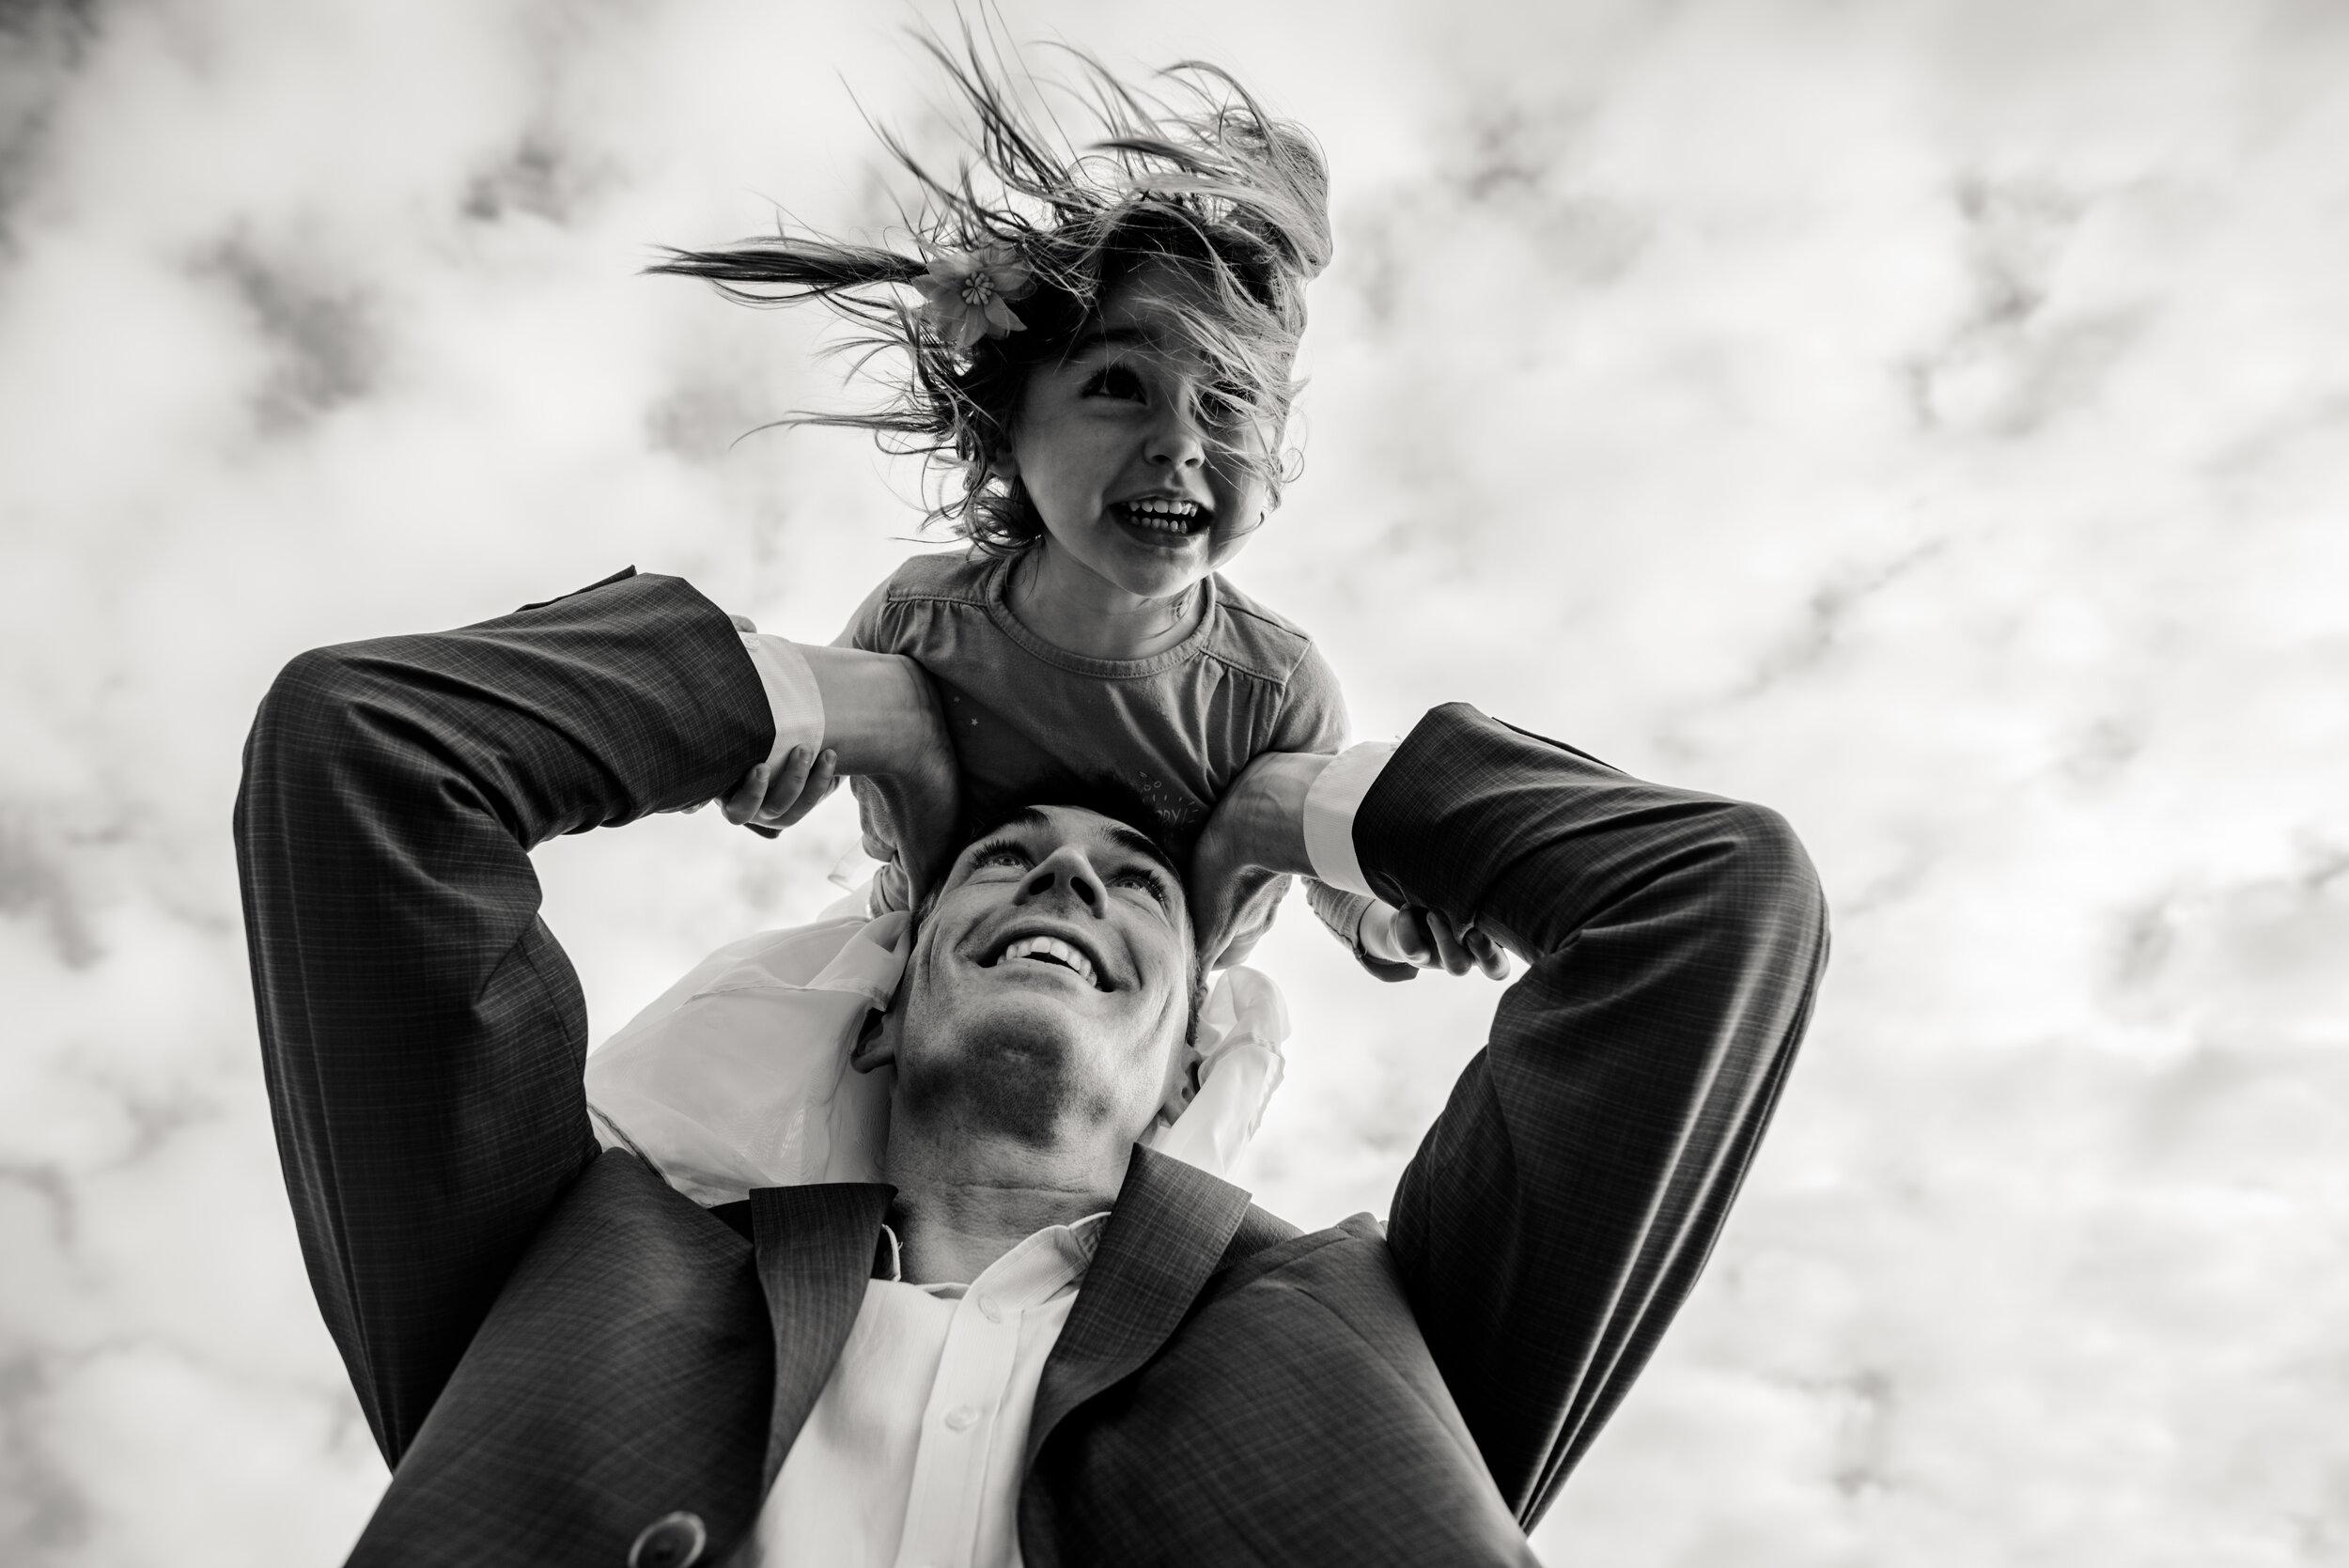 Léa-Fery-photographe-professionnel-Bretagne-portrait-creation-mariage-evenement-evenementiel-famille-3615.jpg